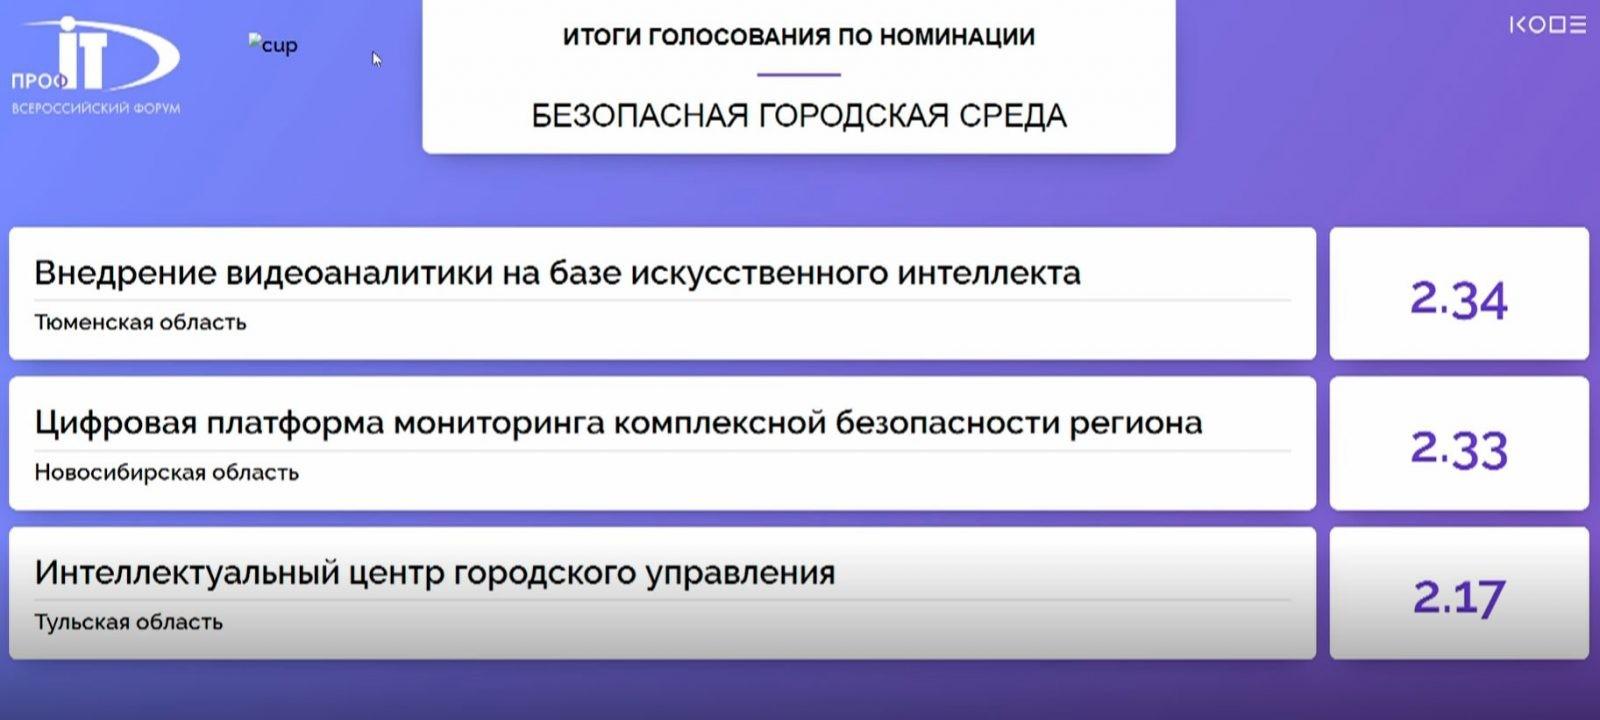 Тюменская область заняла первое место в номинации «Безопасная городская среда» конкурса IT-проектов на форуме «ПРОФ-IT.2020»